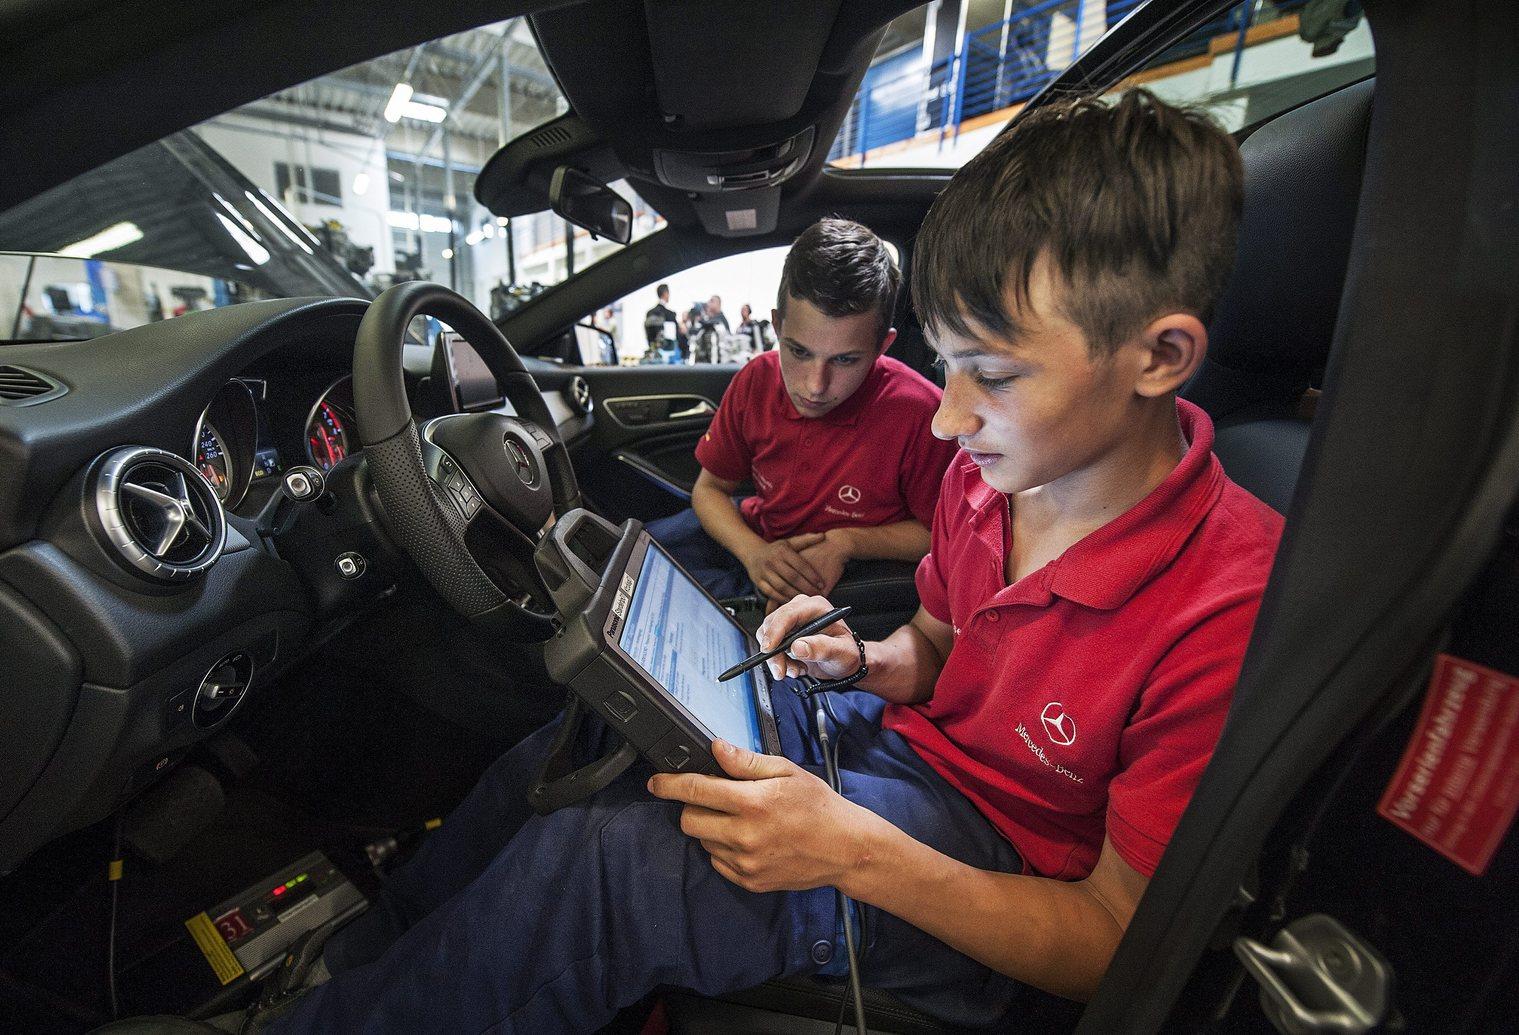 Kecskemét, 2014. április 29. Duális képzésben részt vevő tanulók egy személygépkocsi elektronikájának programozását végzik a Mercedes-Benz kecskeméti oktatási központjában 2014. április 29-én.